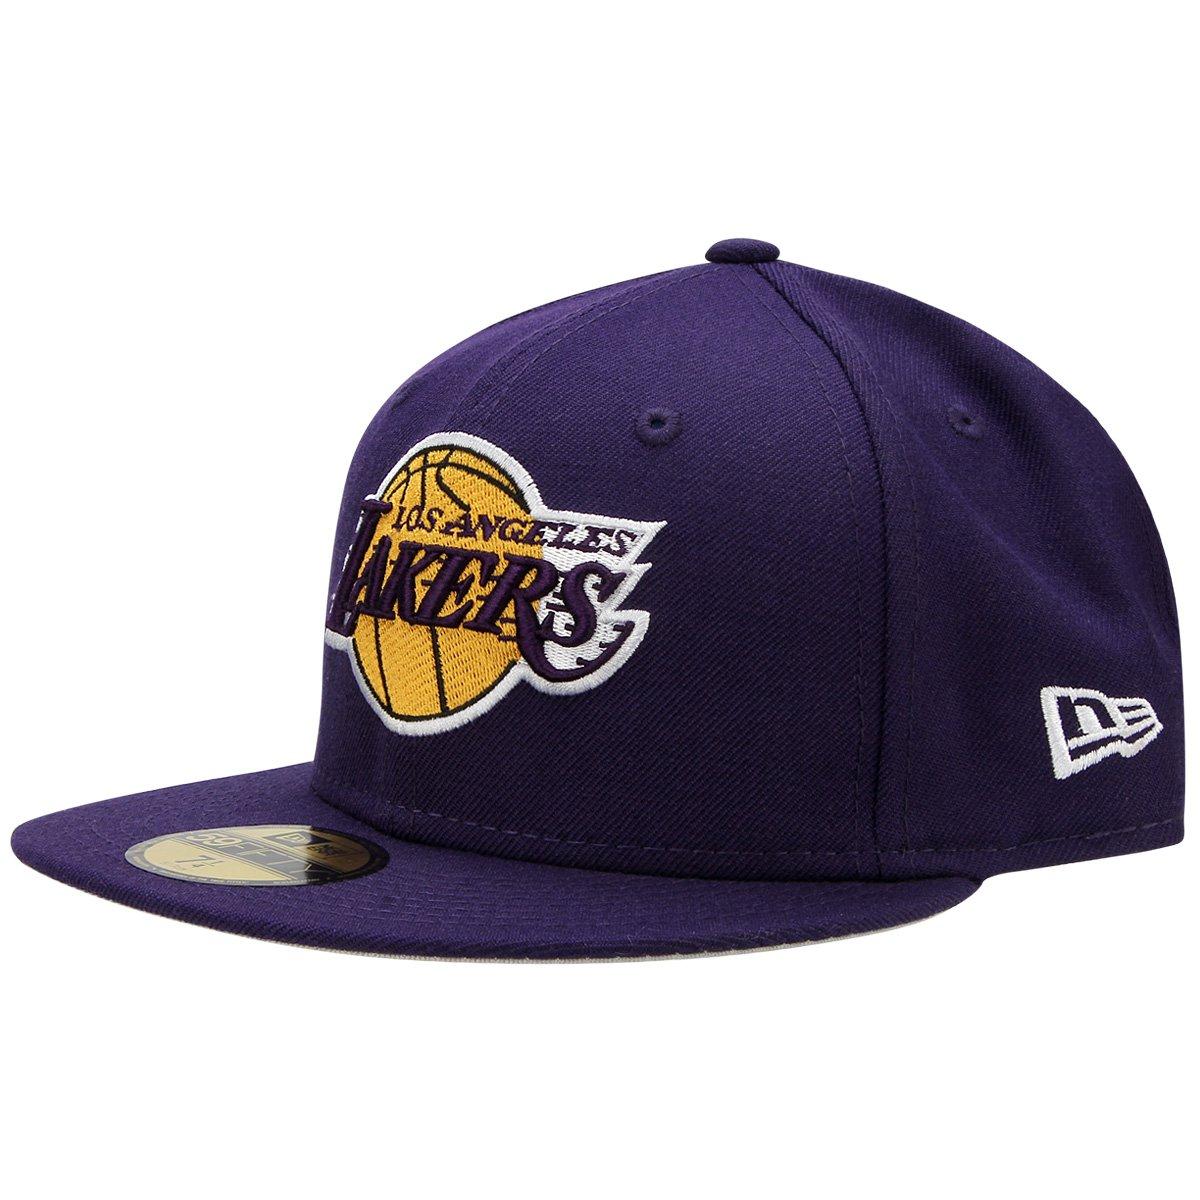 7da2df5bb8f21 Boné New Era NBA 5950 Los Angeles Lakers - Compre Agora